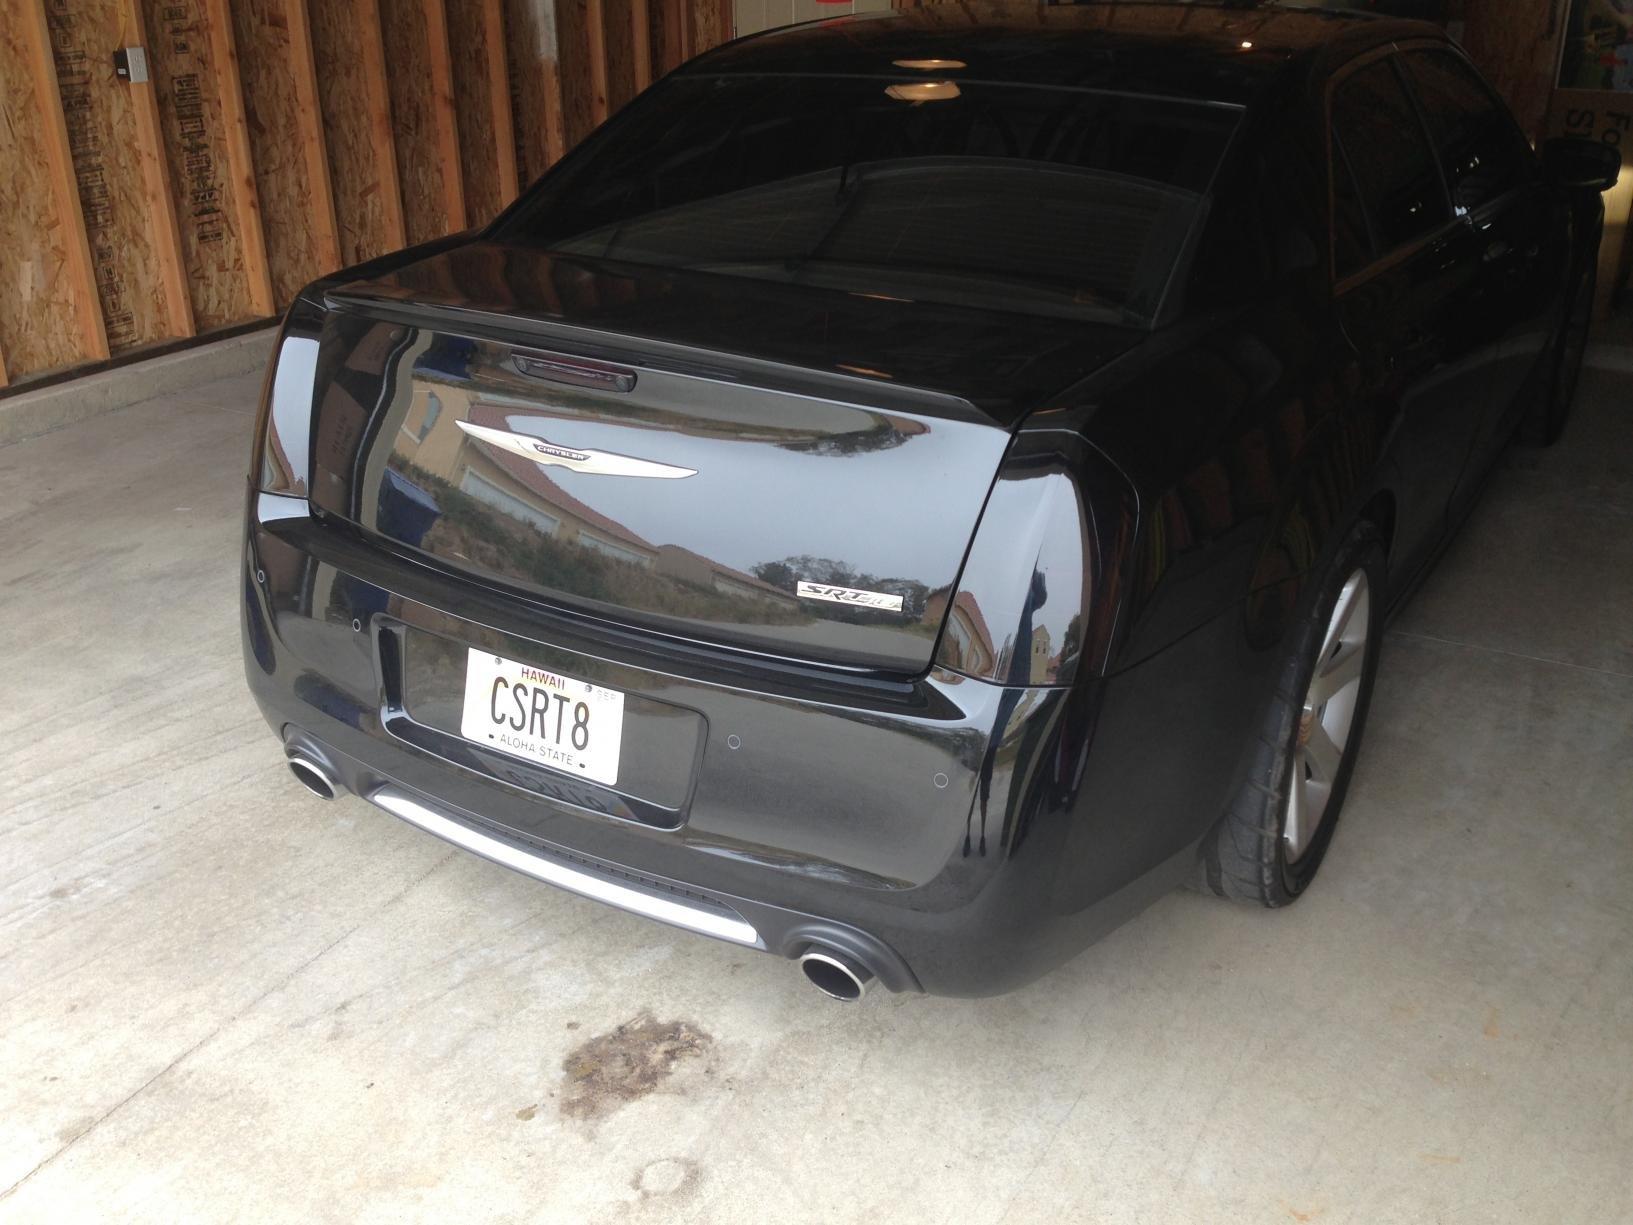 FOUND: 2012 Chrysler 300 SRT8 tinted taillights - Chrysler ...